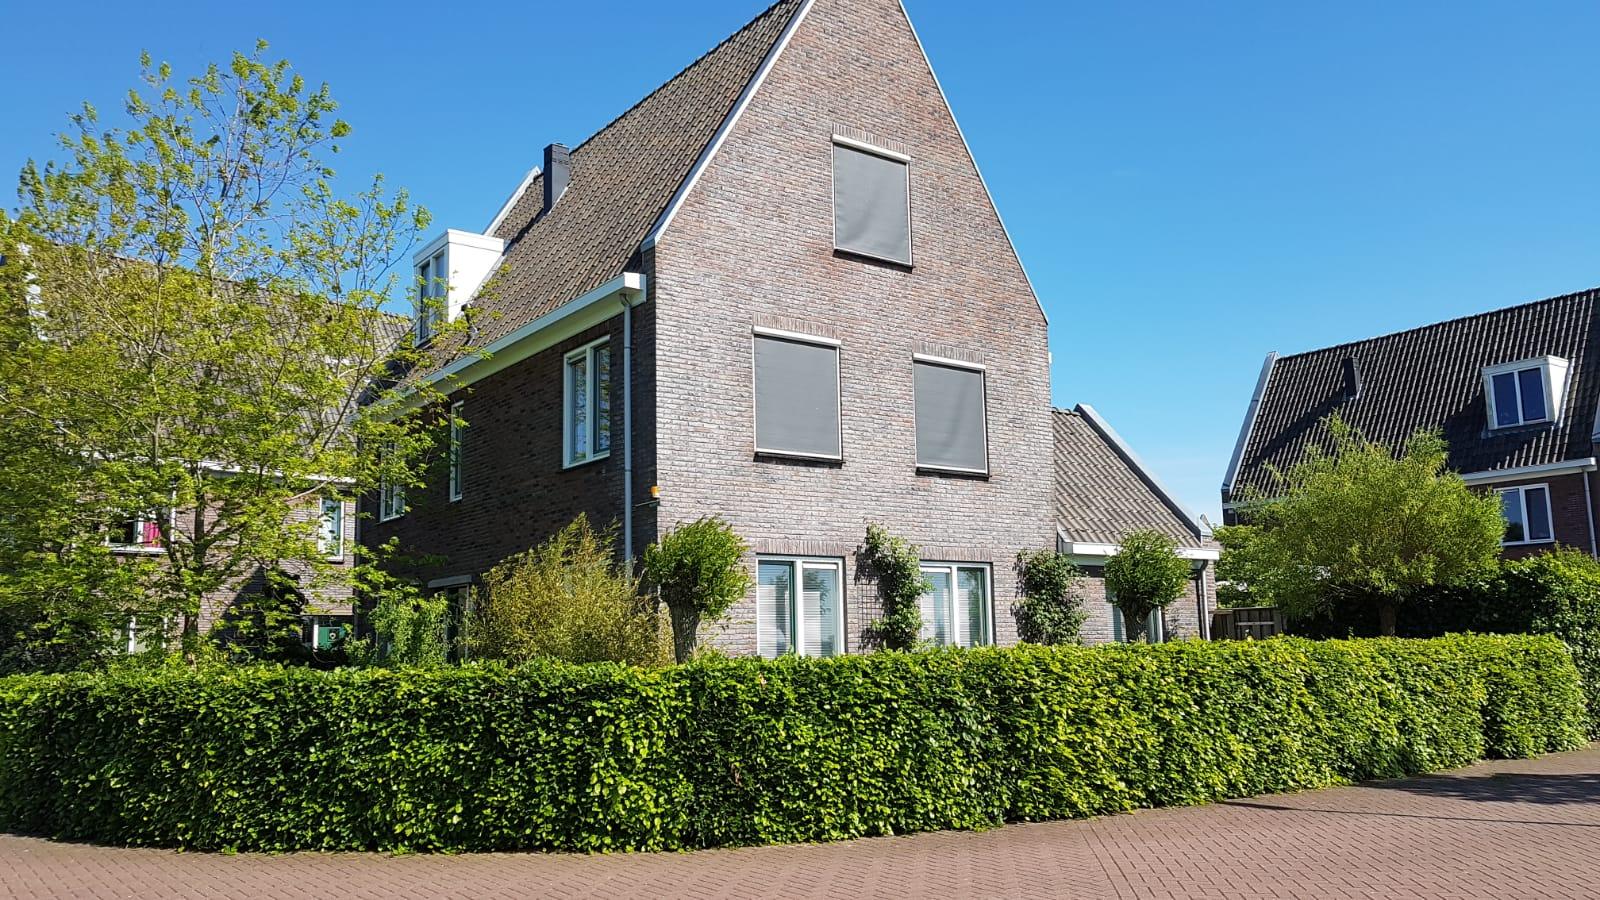 Huizen binnenkort in verkoop in groningen en haren for Huizenverkoop site